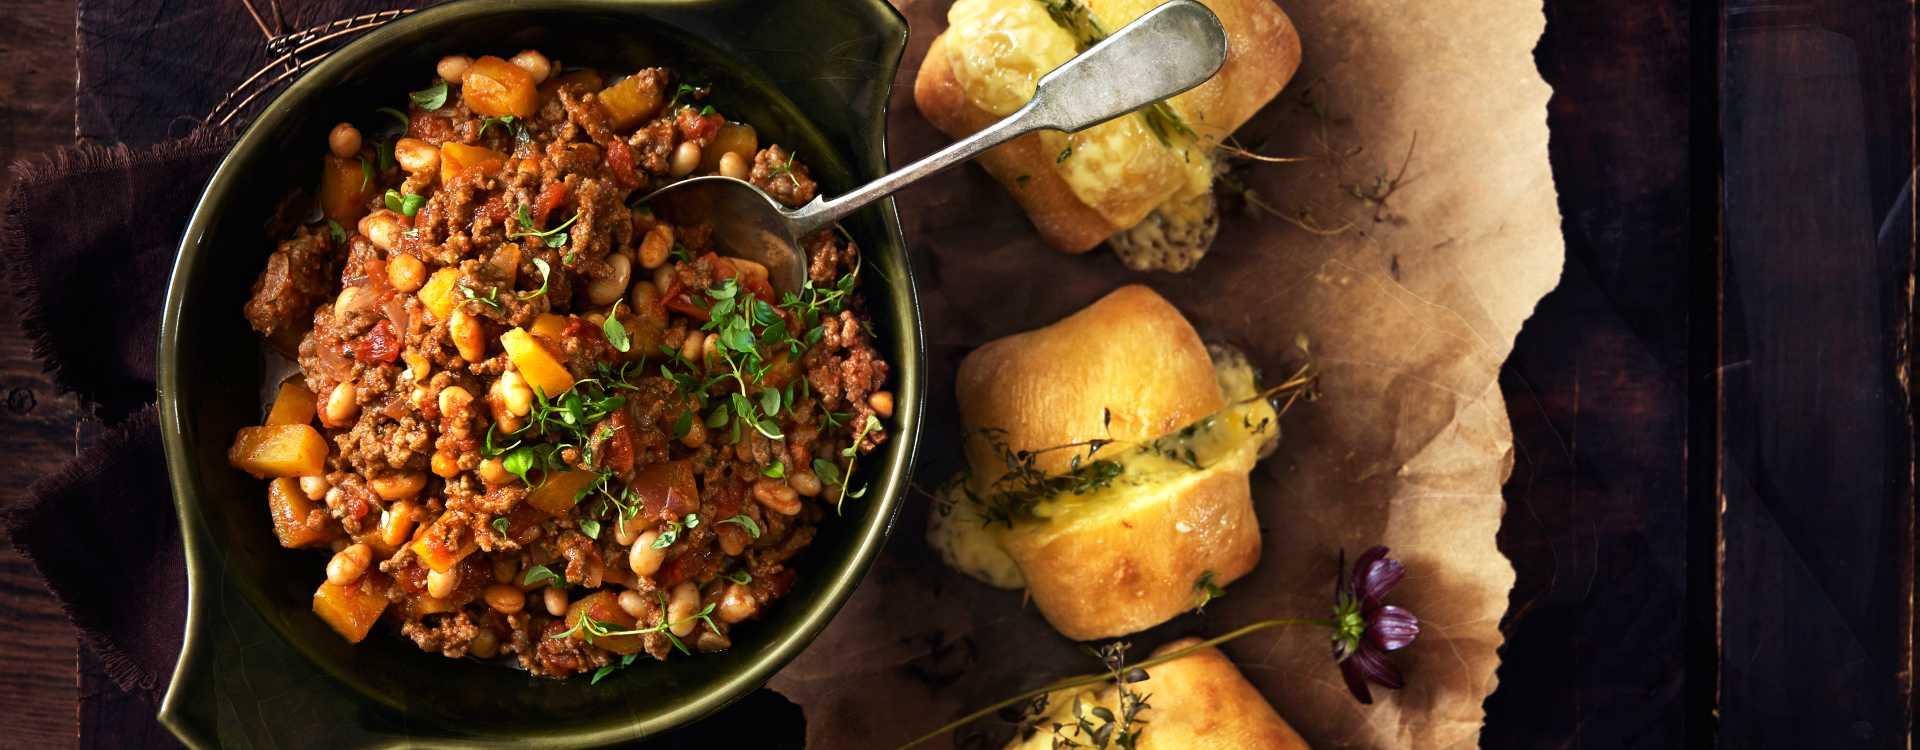 Chili con carne med rotgrønnsaker og hvitløksbrød